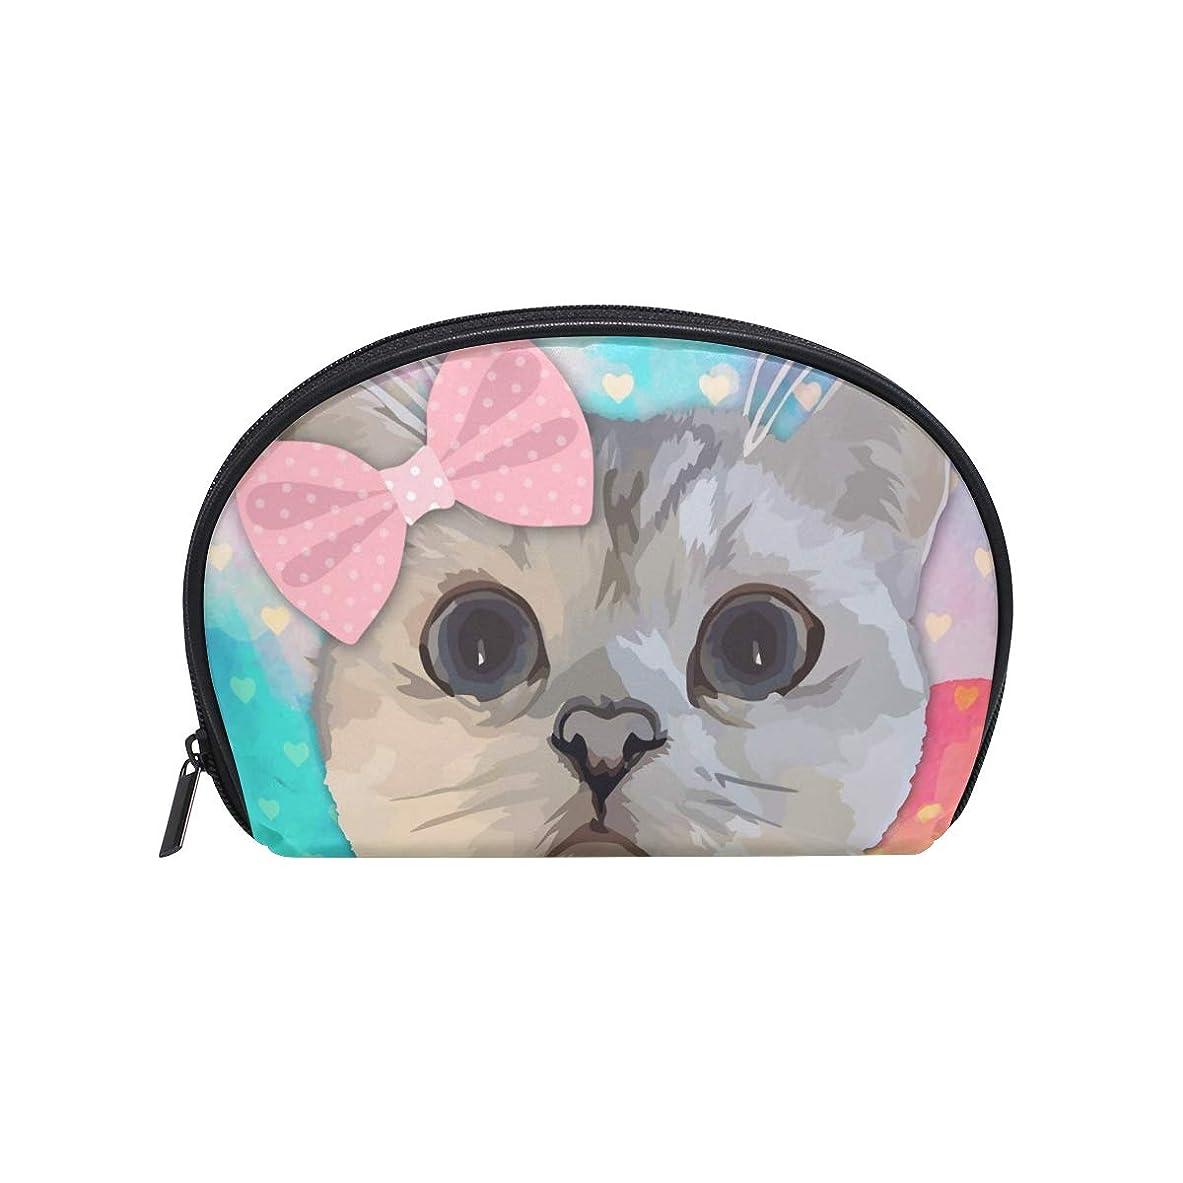 ダーツツール戦い半月型 猫柄 花柄 化粧ポーチ コスメポーチ コスメバッグ メイクポーチ 大容量 旅行 小物入れ